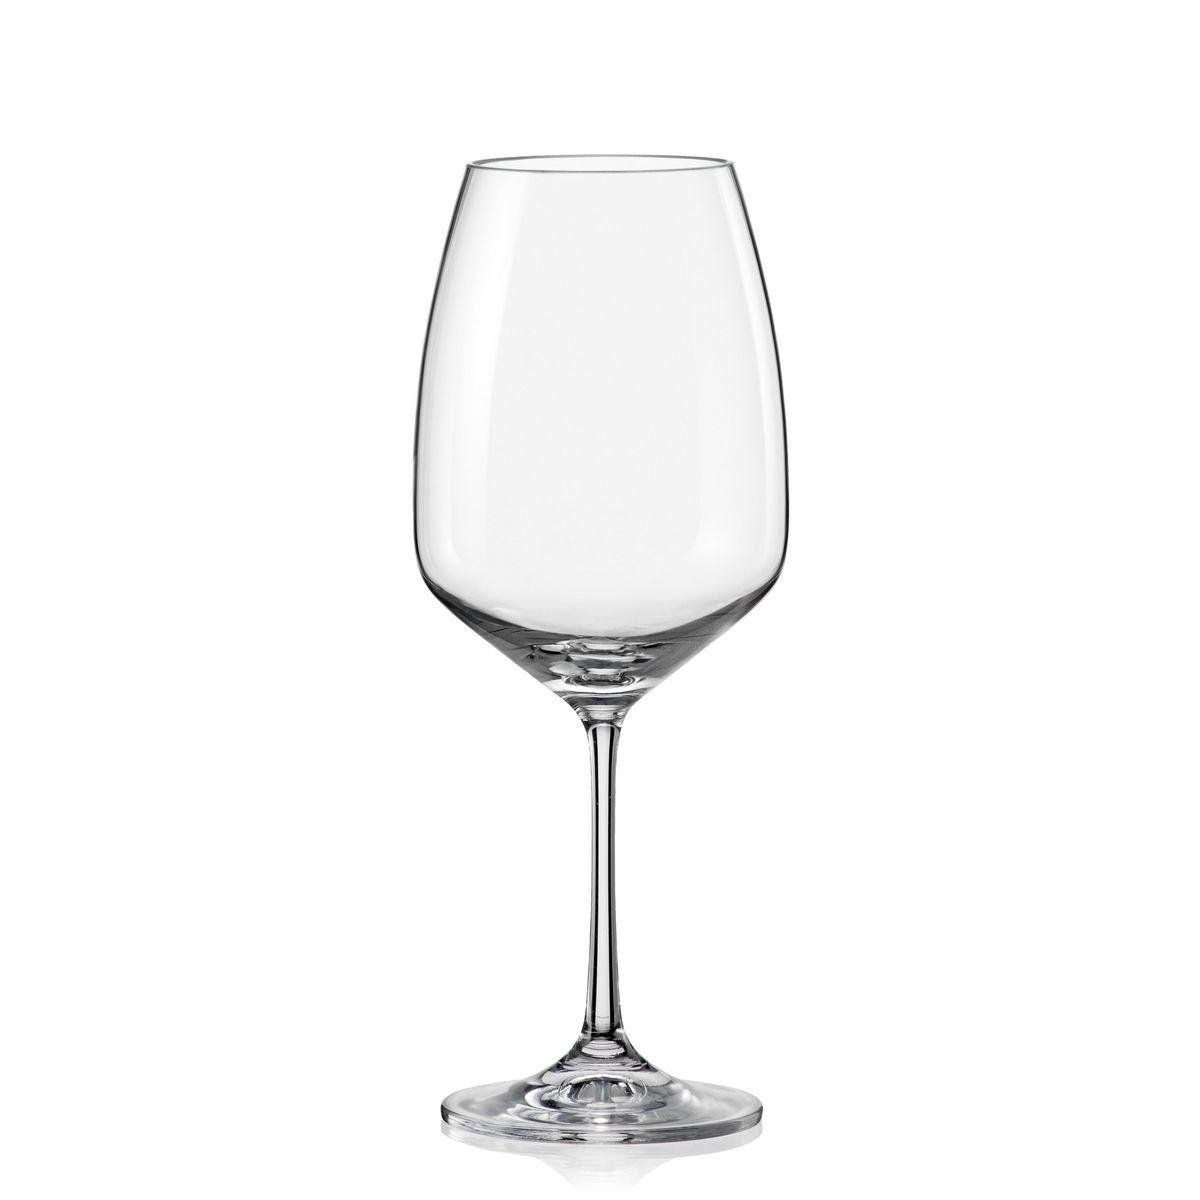 GISELLE Set 6 pahare cristalin apa 560 ml